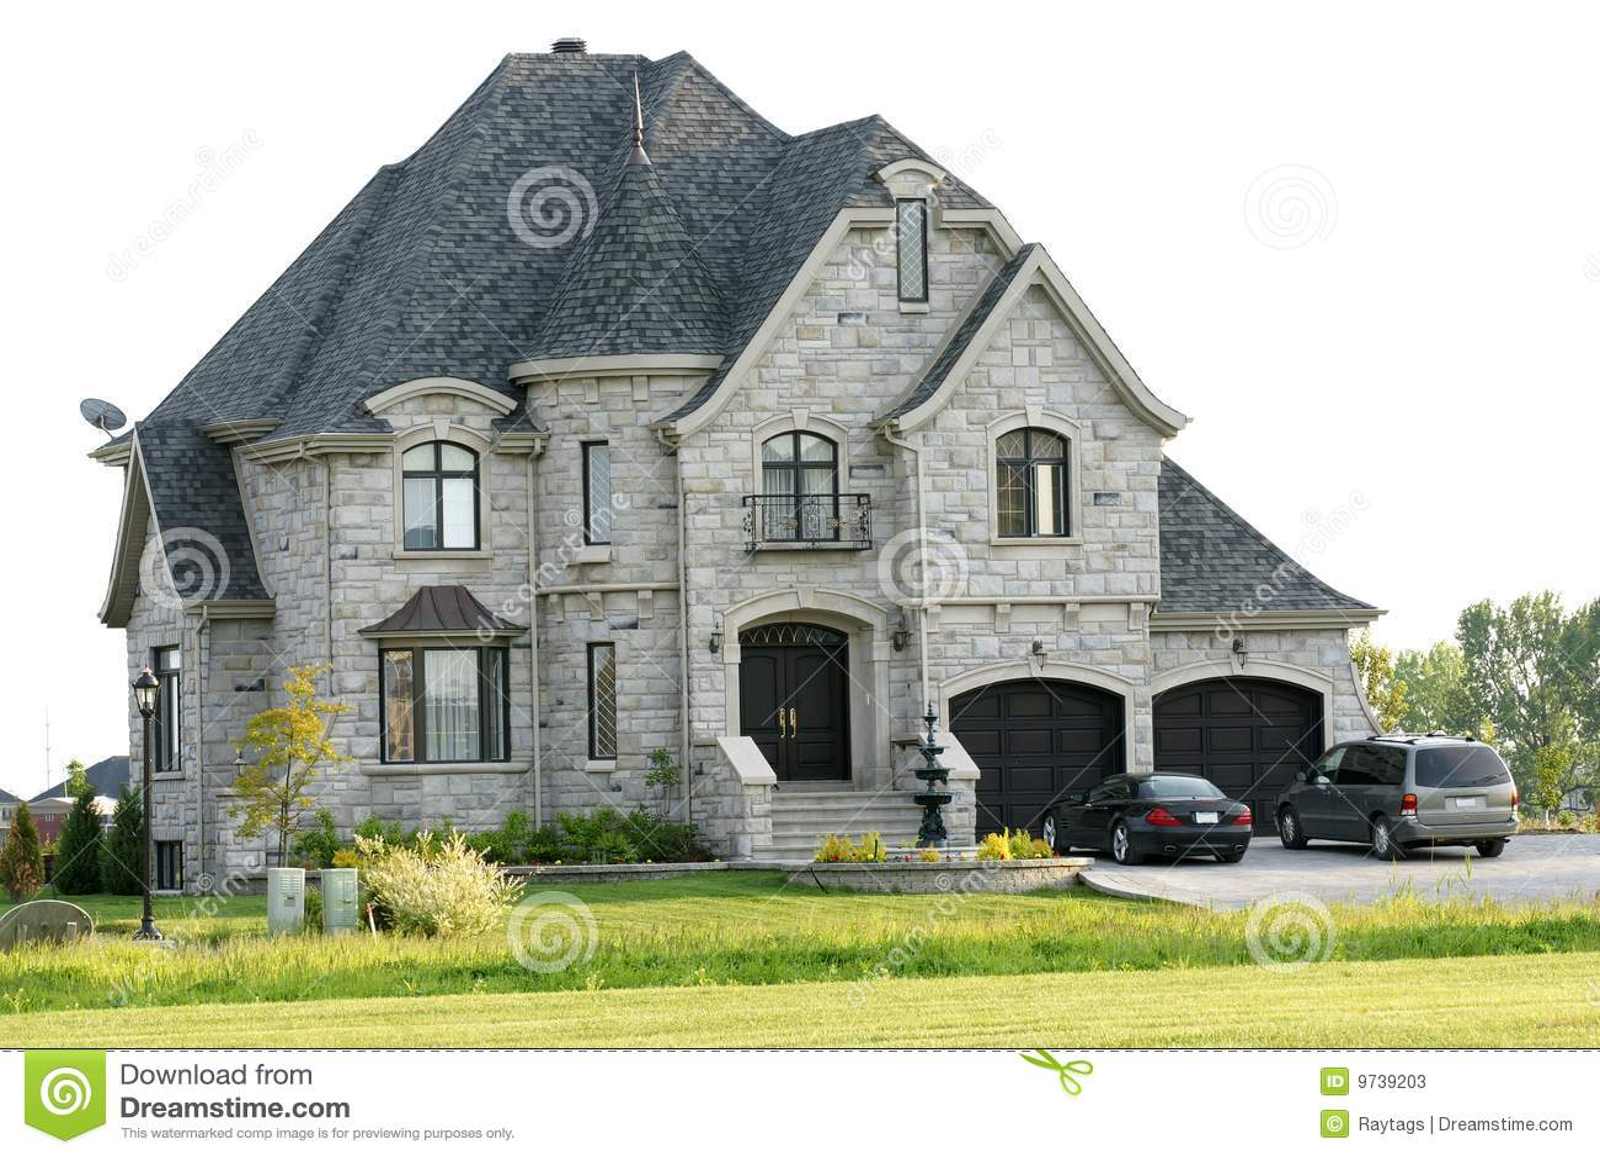 maison de luxe image stock image du soin fantaisie r el 9739203. Black Bedroom Furniture Sets. Home Design Ideas